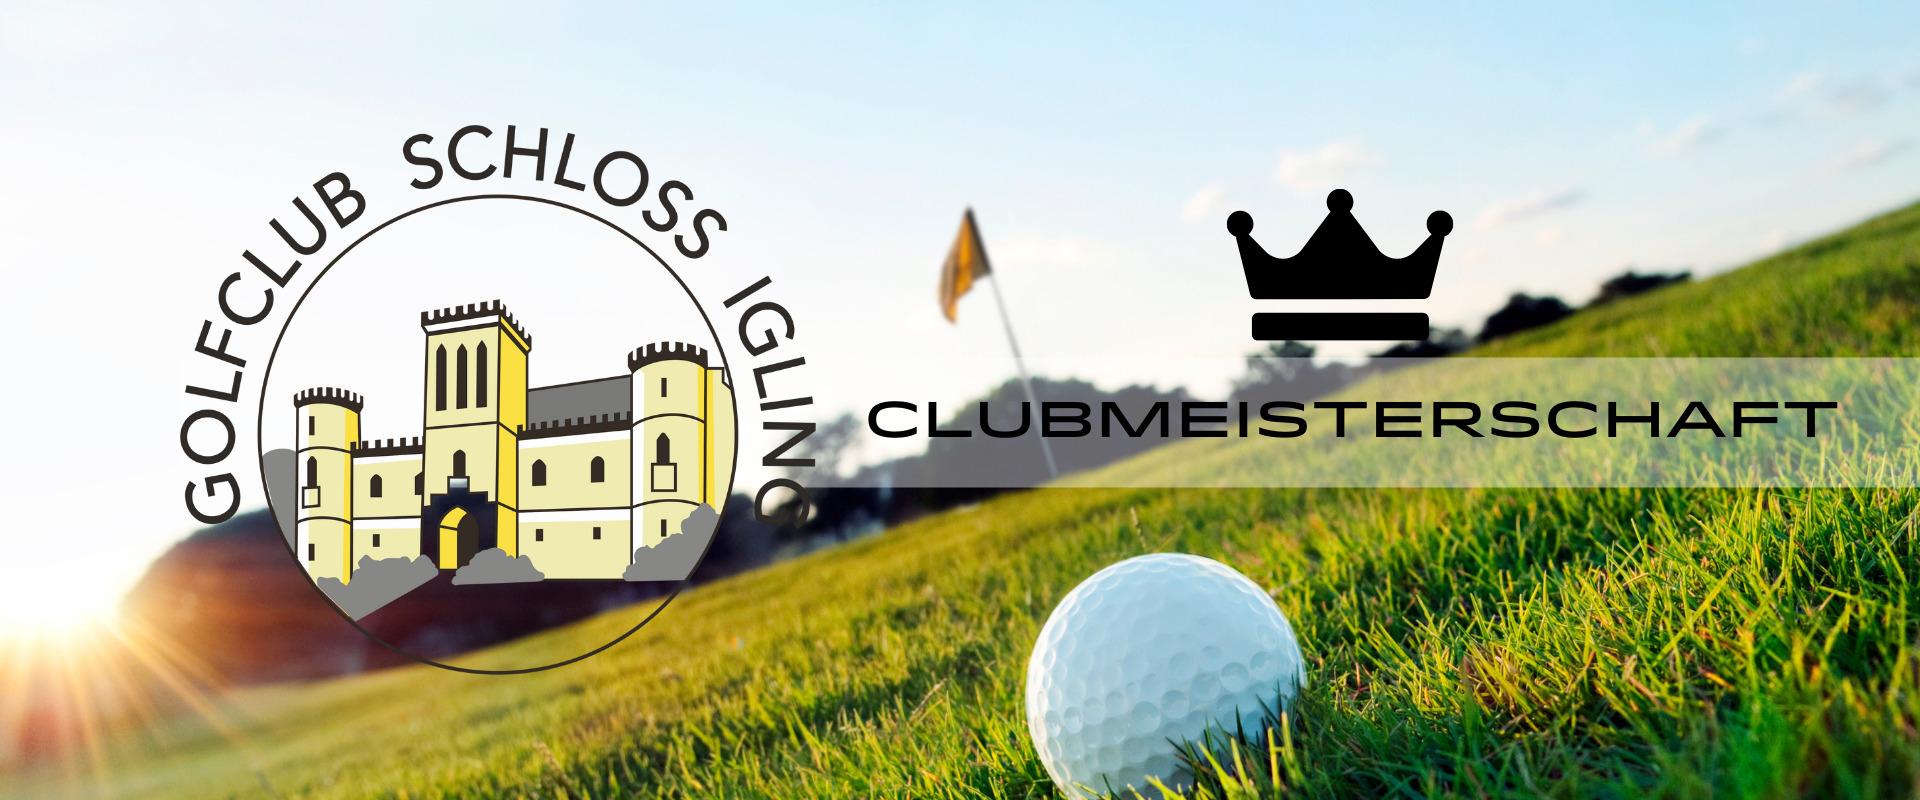 GCSI Clubmeisterschaft